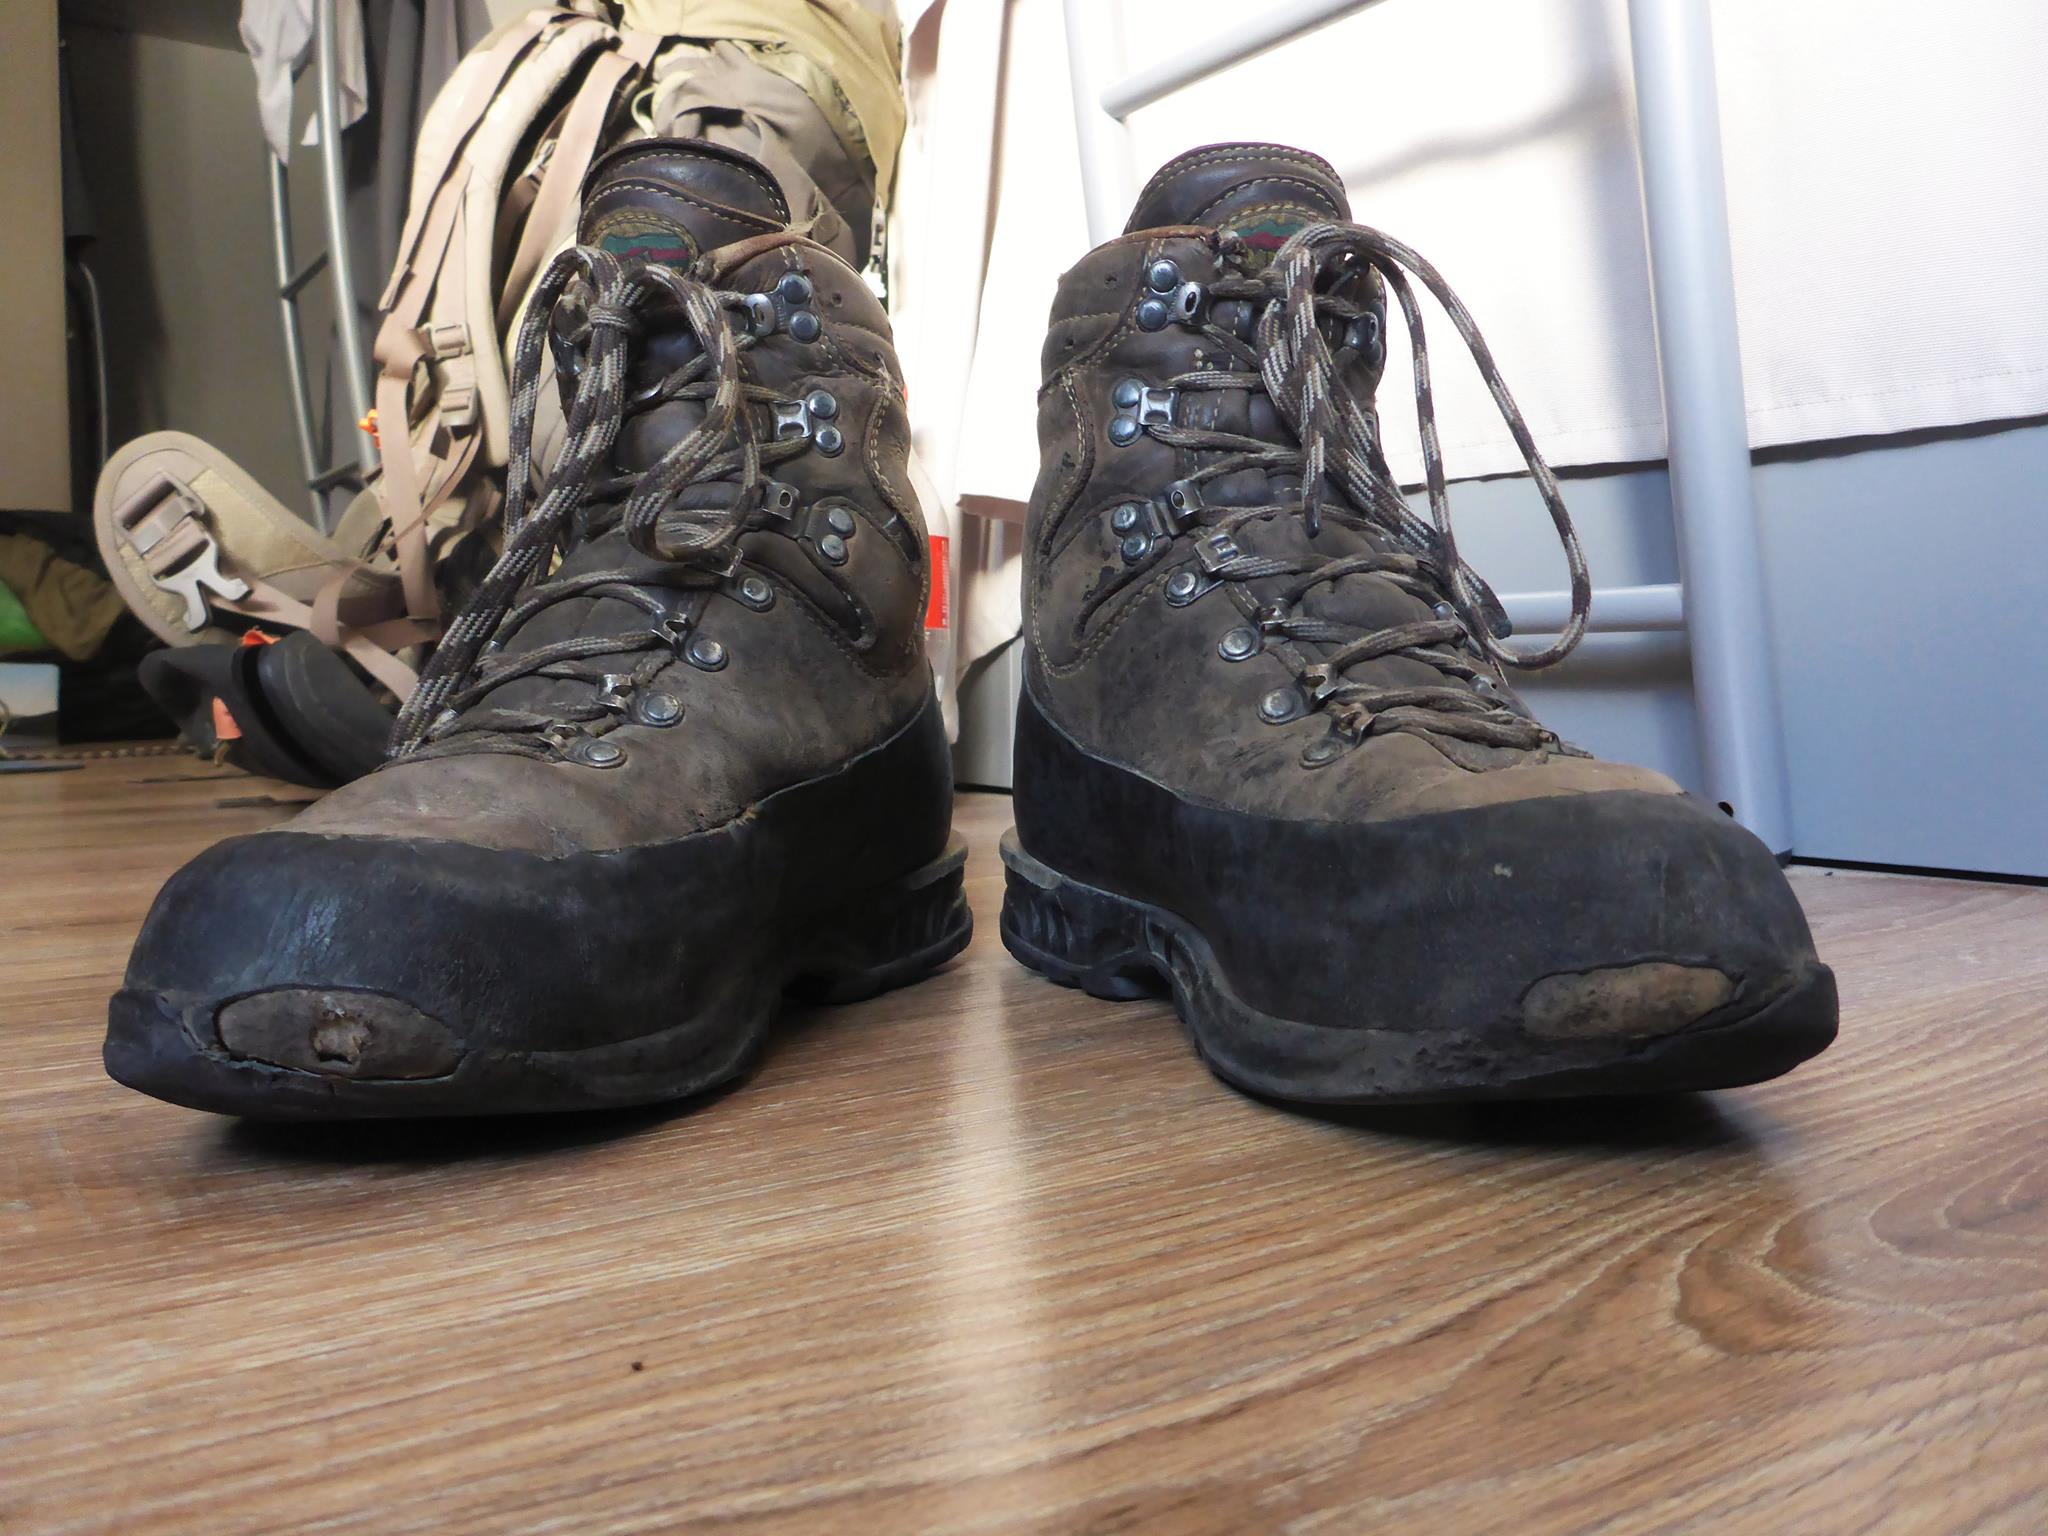 Ma sixième paire de chaussures de ce voyage prennent leur retraite bien mérité. Comptage kilomètriques pour celle-ci : 3100 kilomètres.